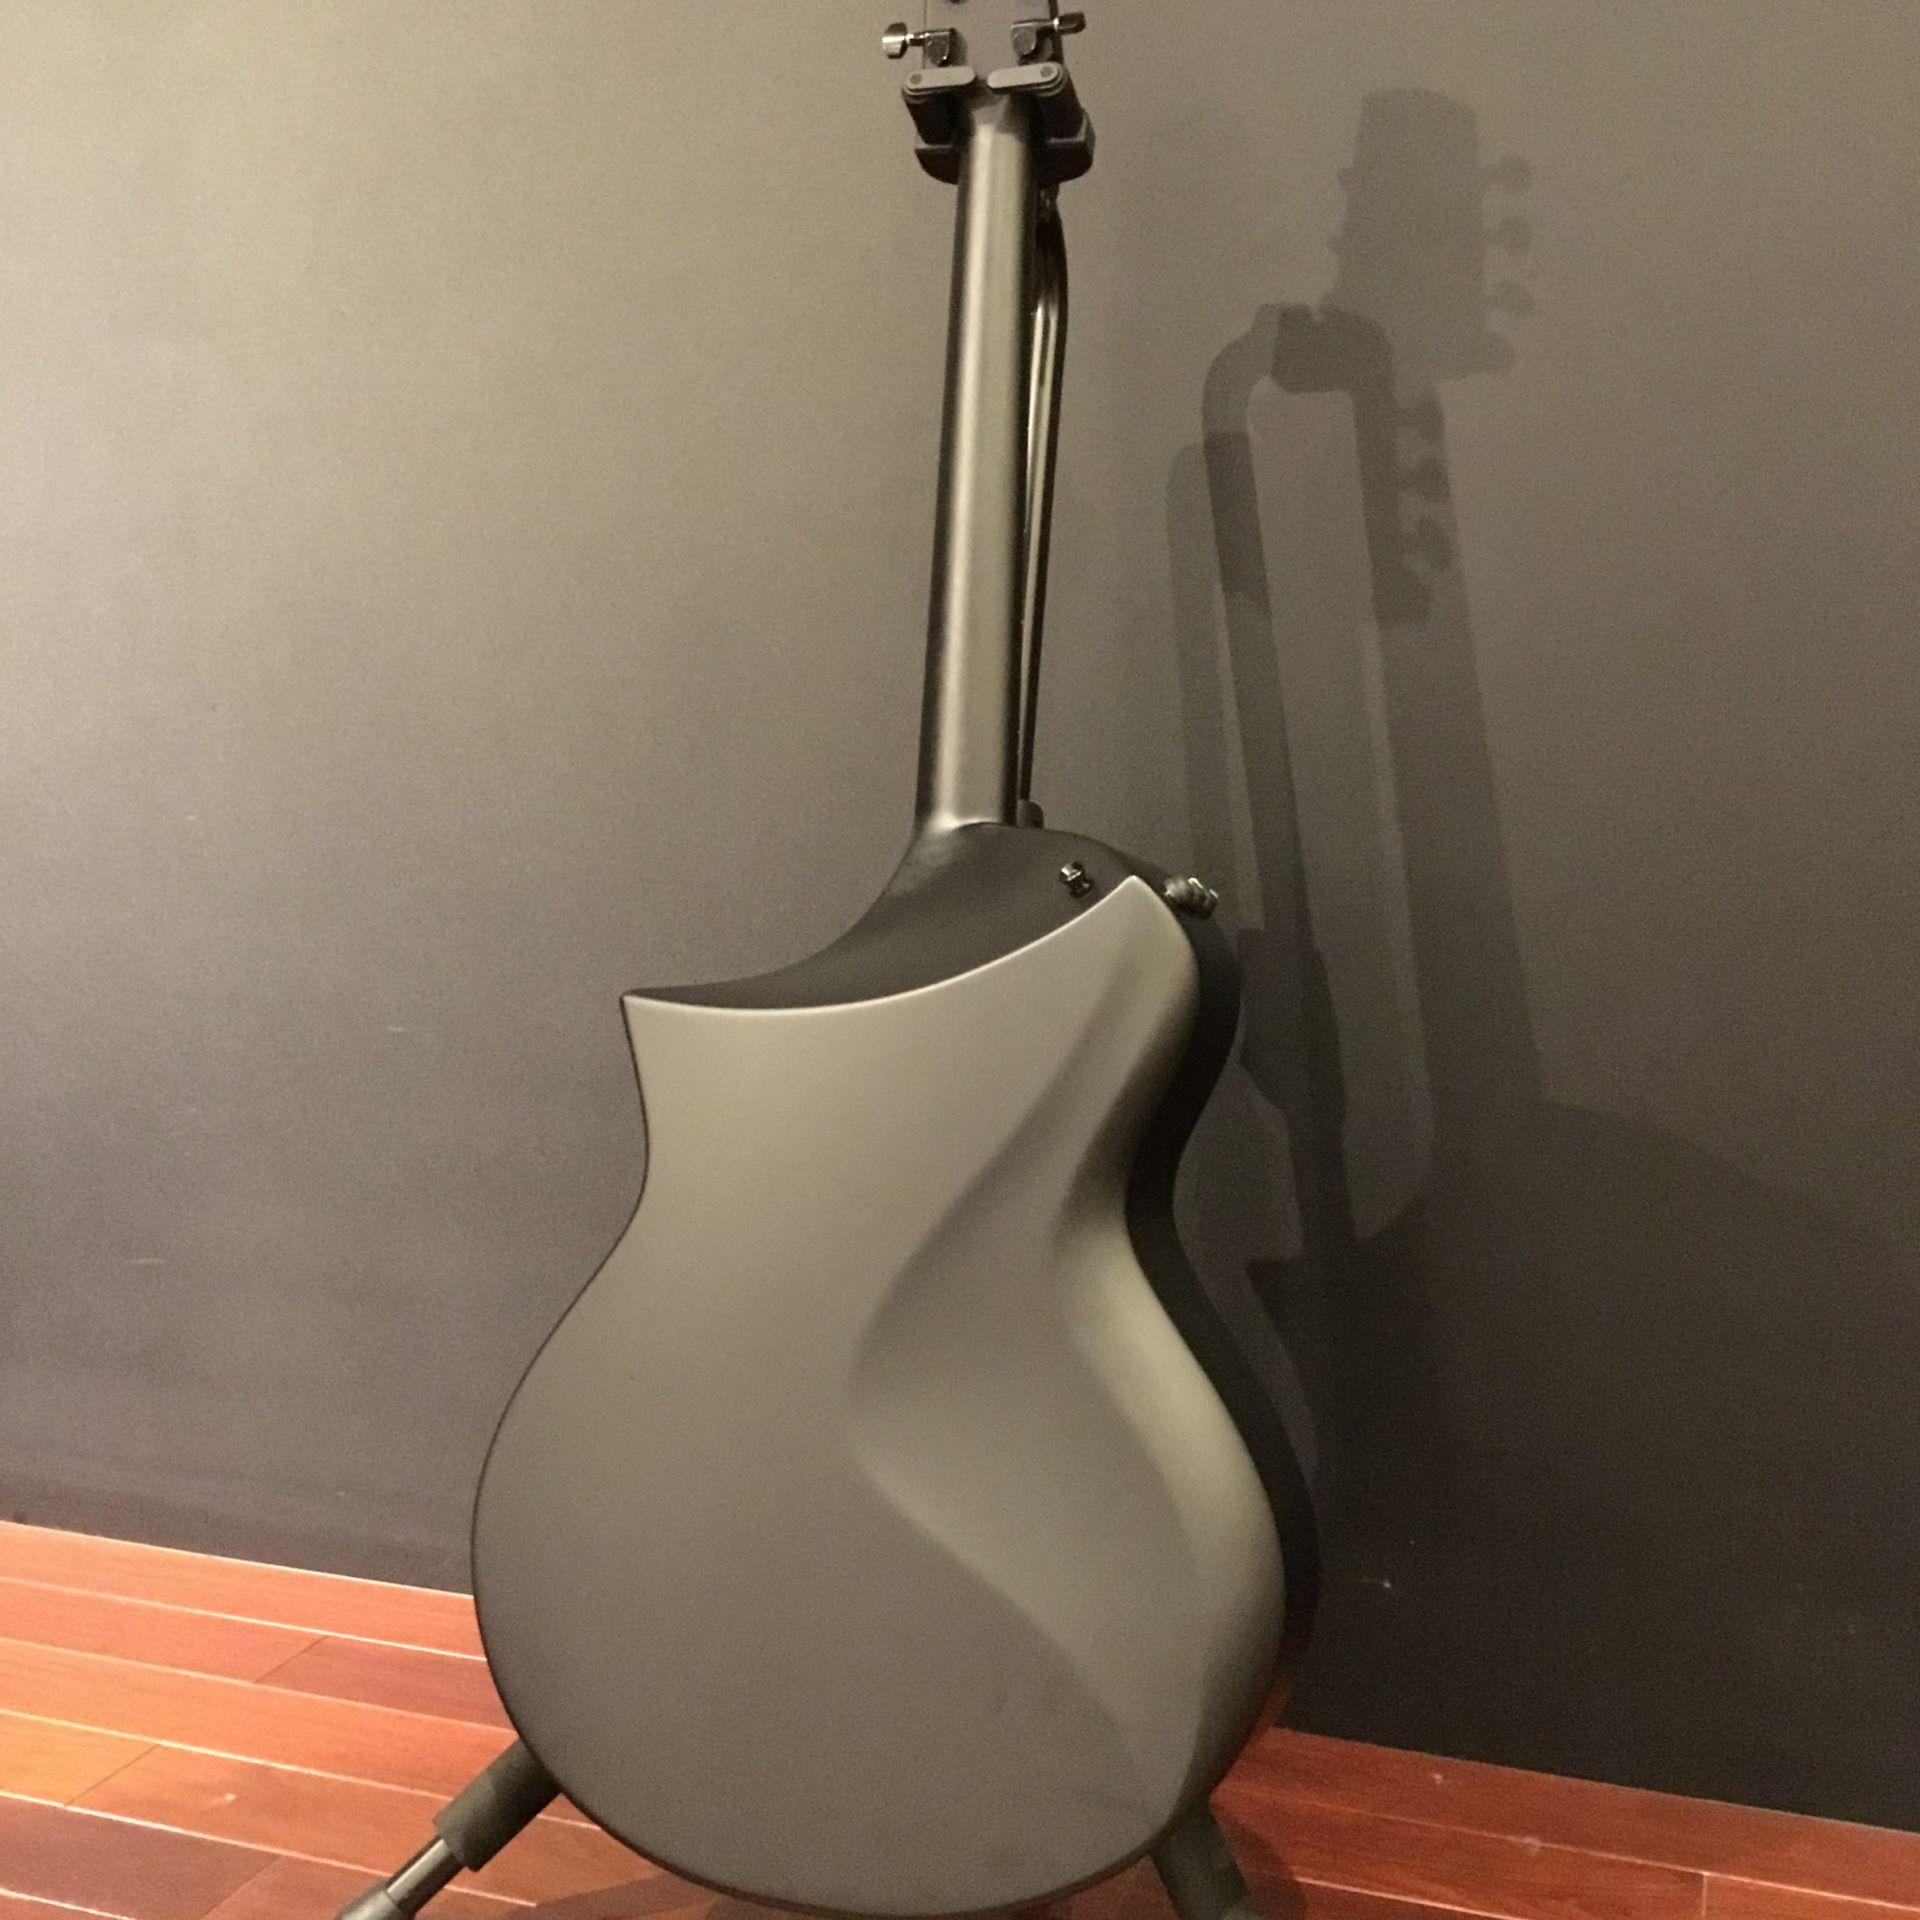 Peaveyカーボンファイバー製ギターはヴィジュアルも最高にカッコイイ